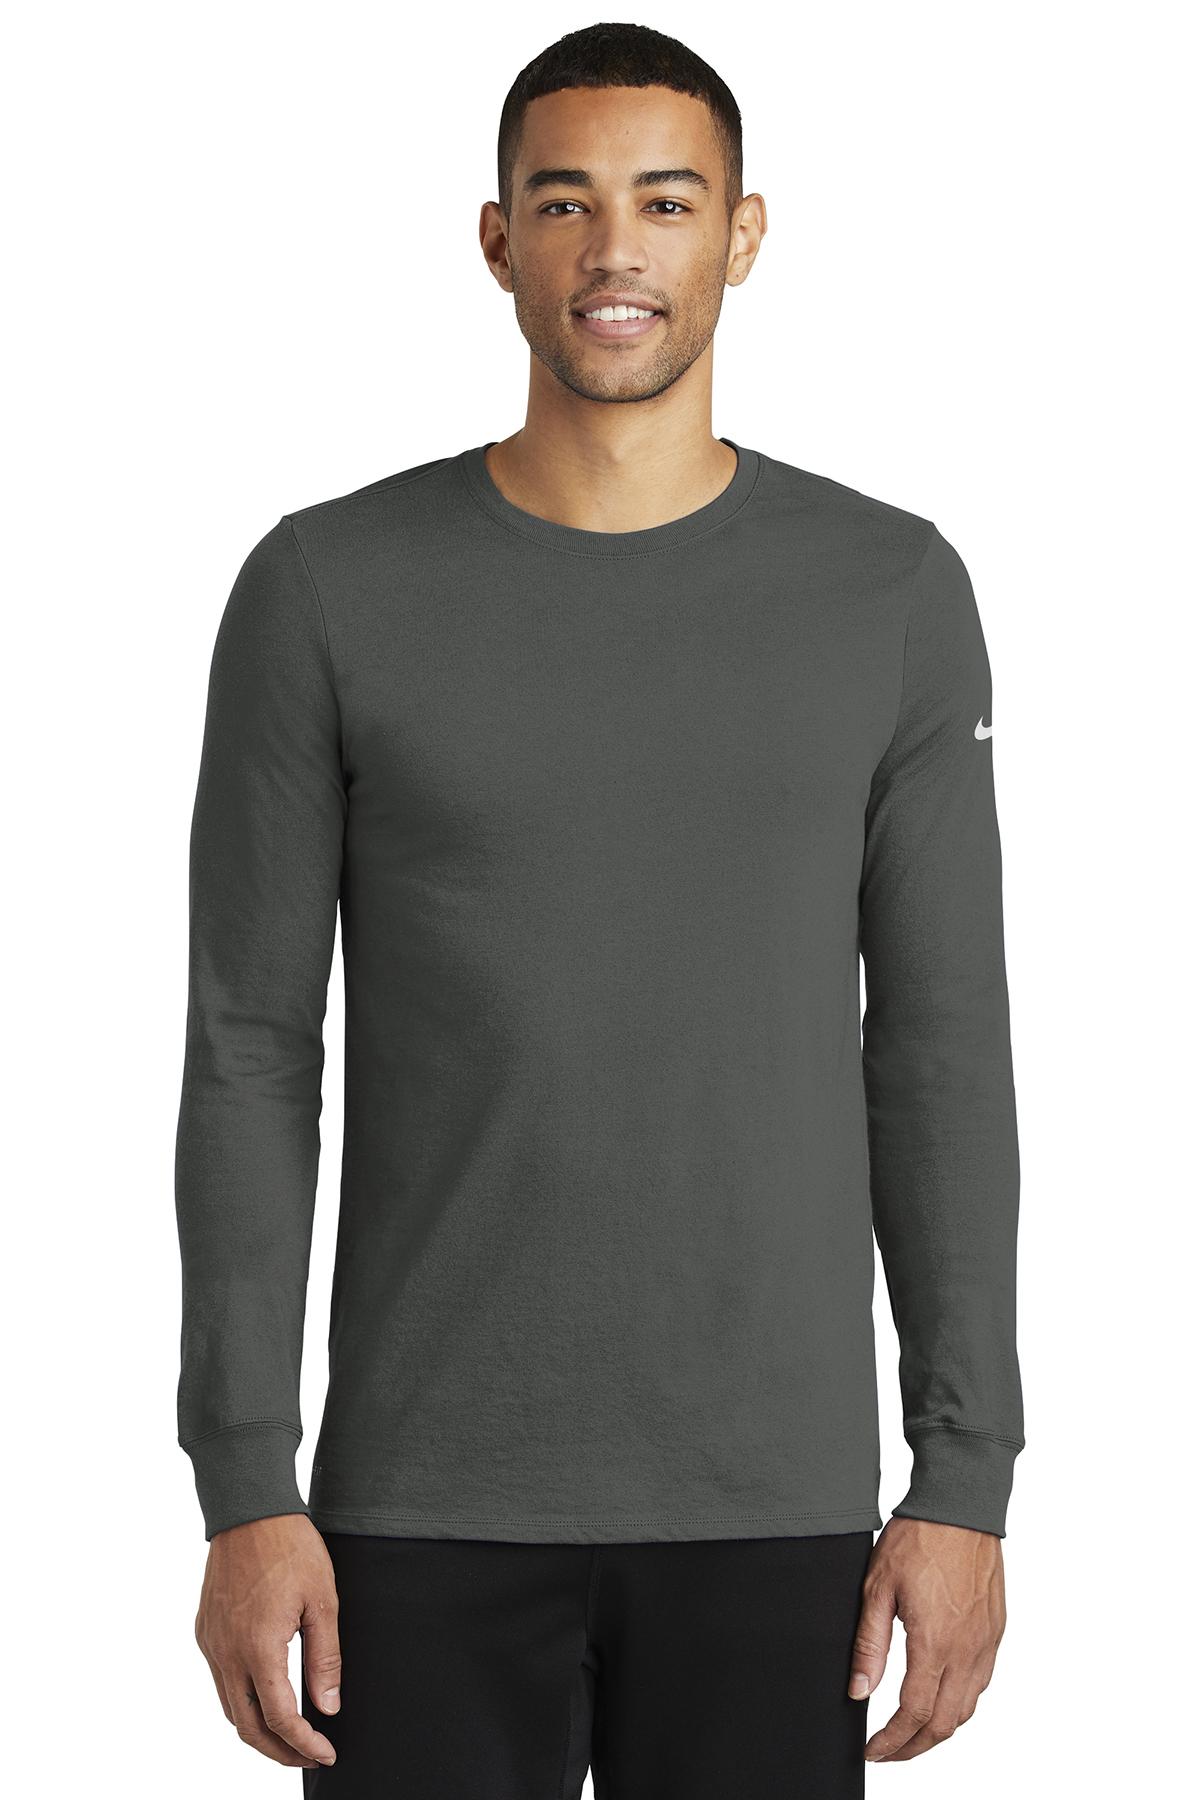 Nike Golf NKBQ5230 - Dri-FIT Cotton/Poly Long Sleeve ...